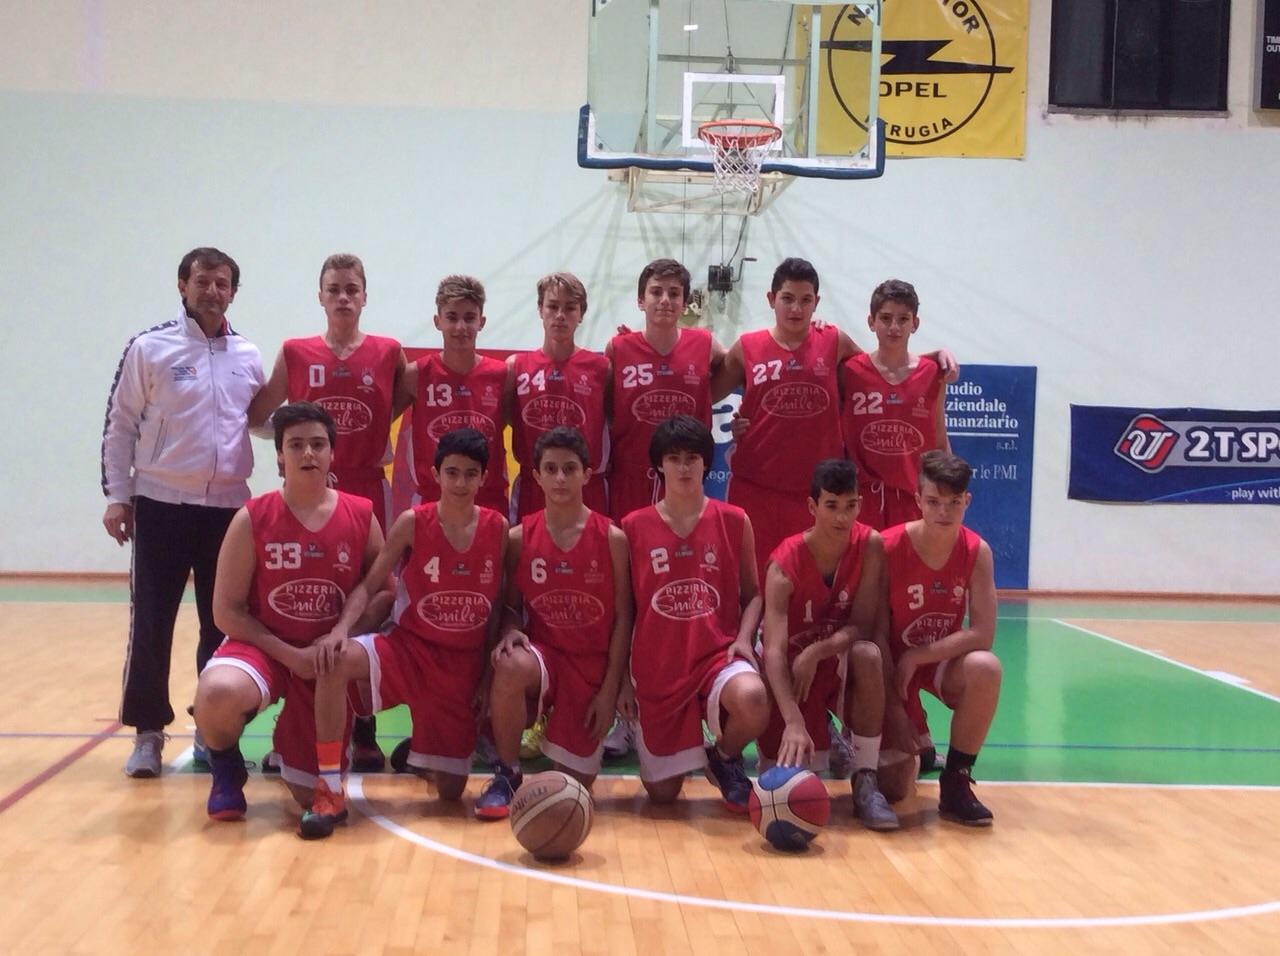 Orvieto Basket U15E. I giovani leoncini mettono la quinta e in casa del Gubbio volano alla vittoria